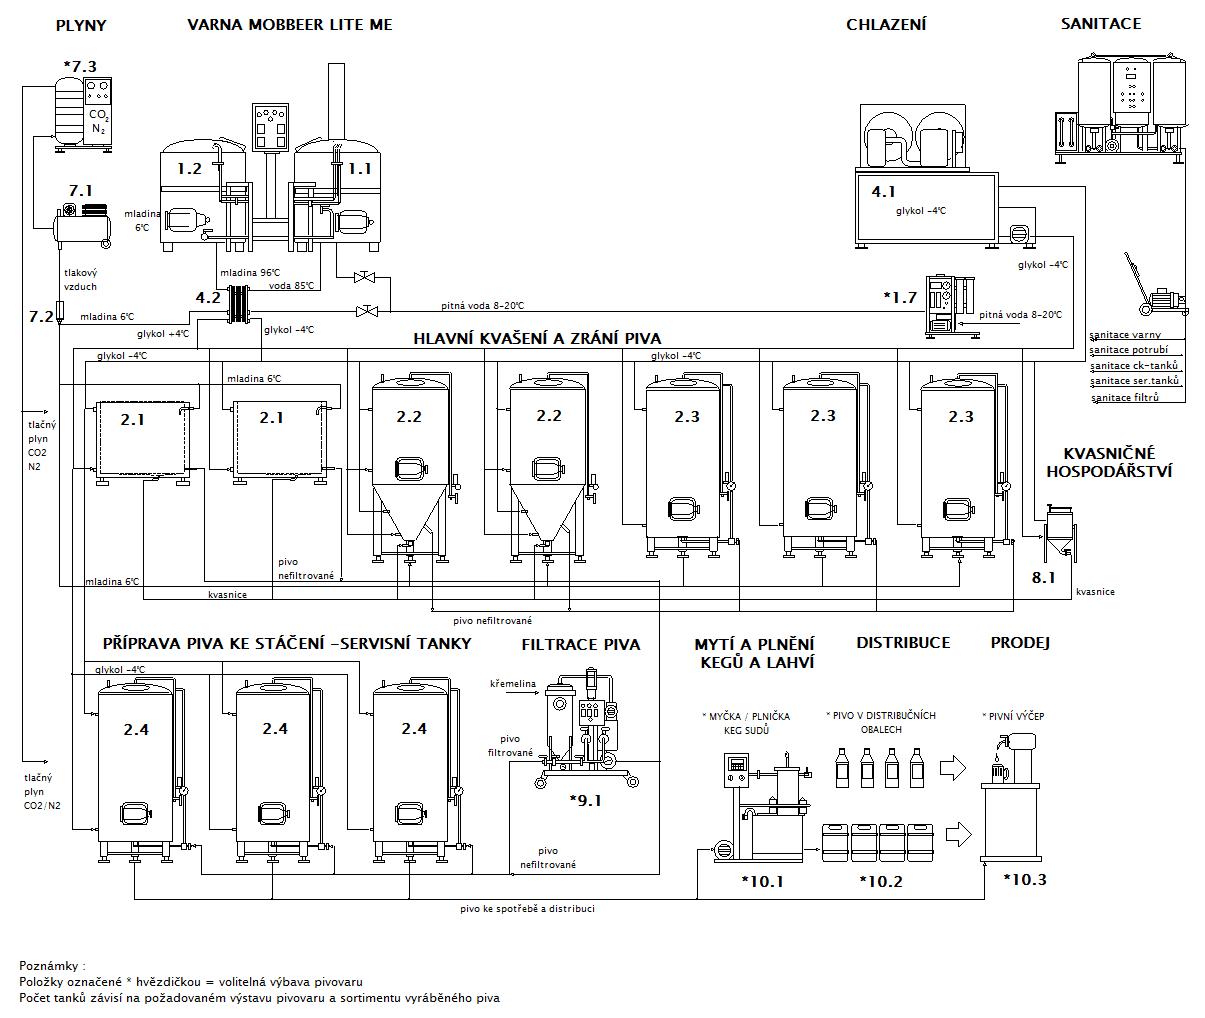 Blokové schéma minipivovaru MOBBEER LITE-ME OCF